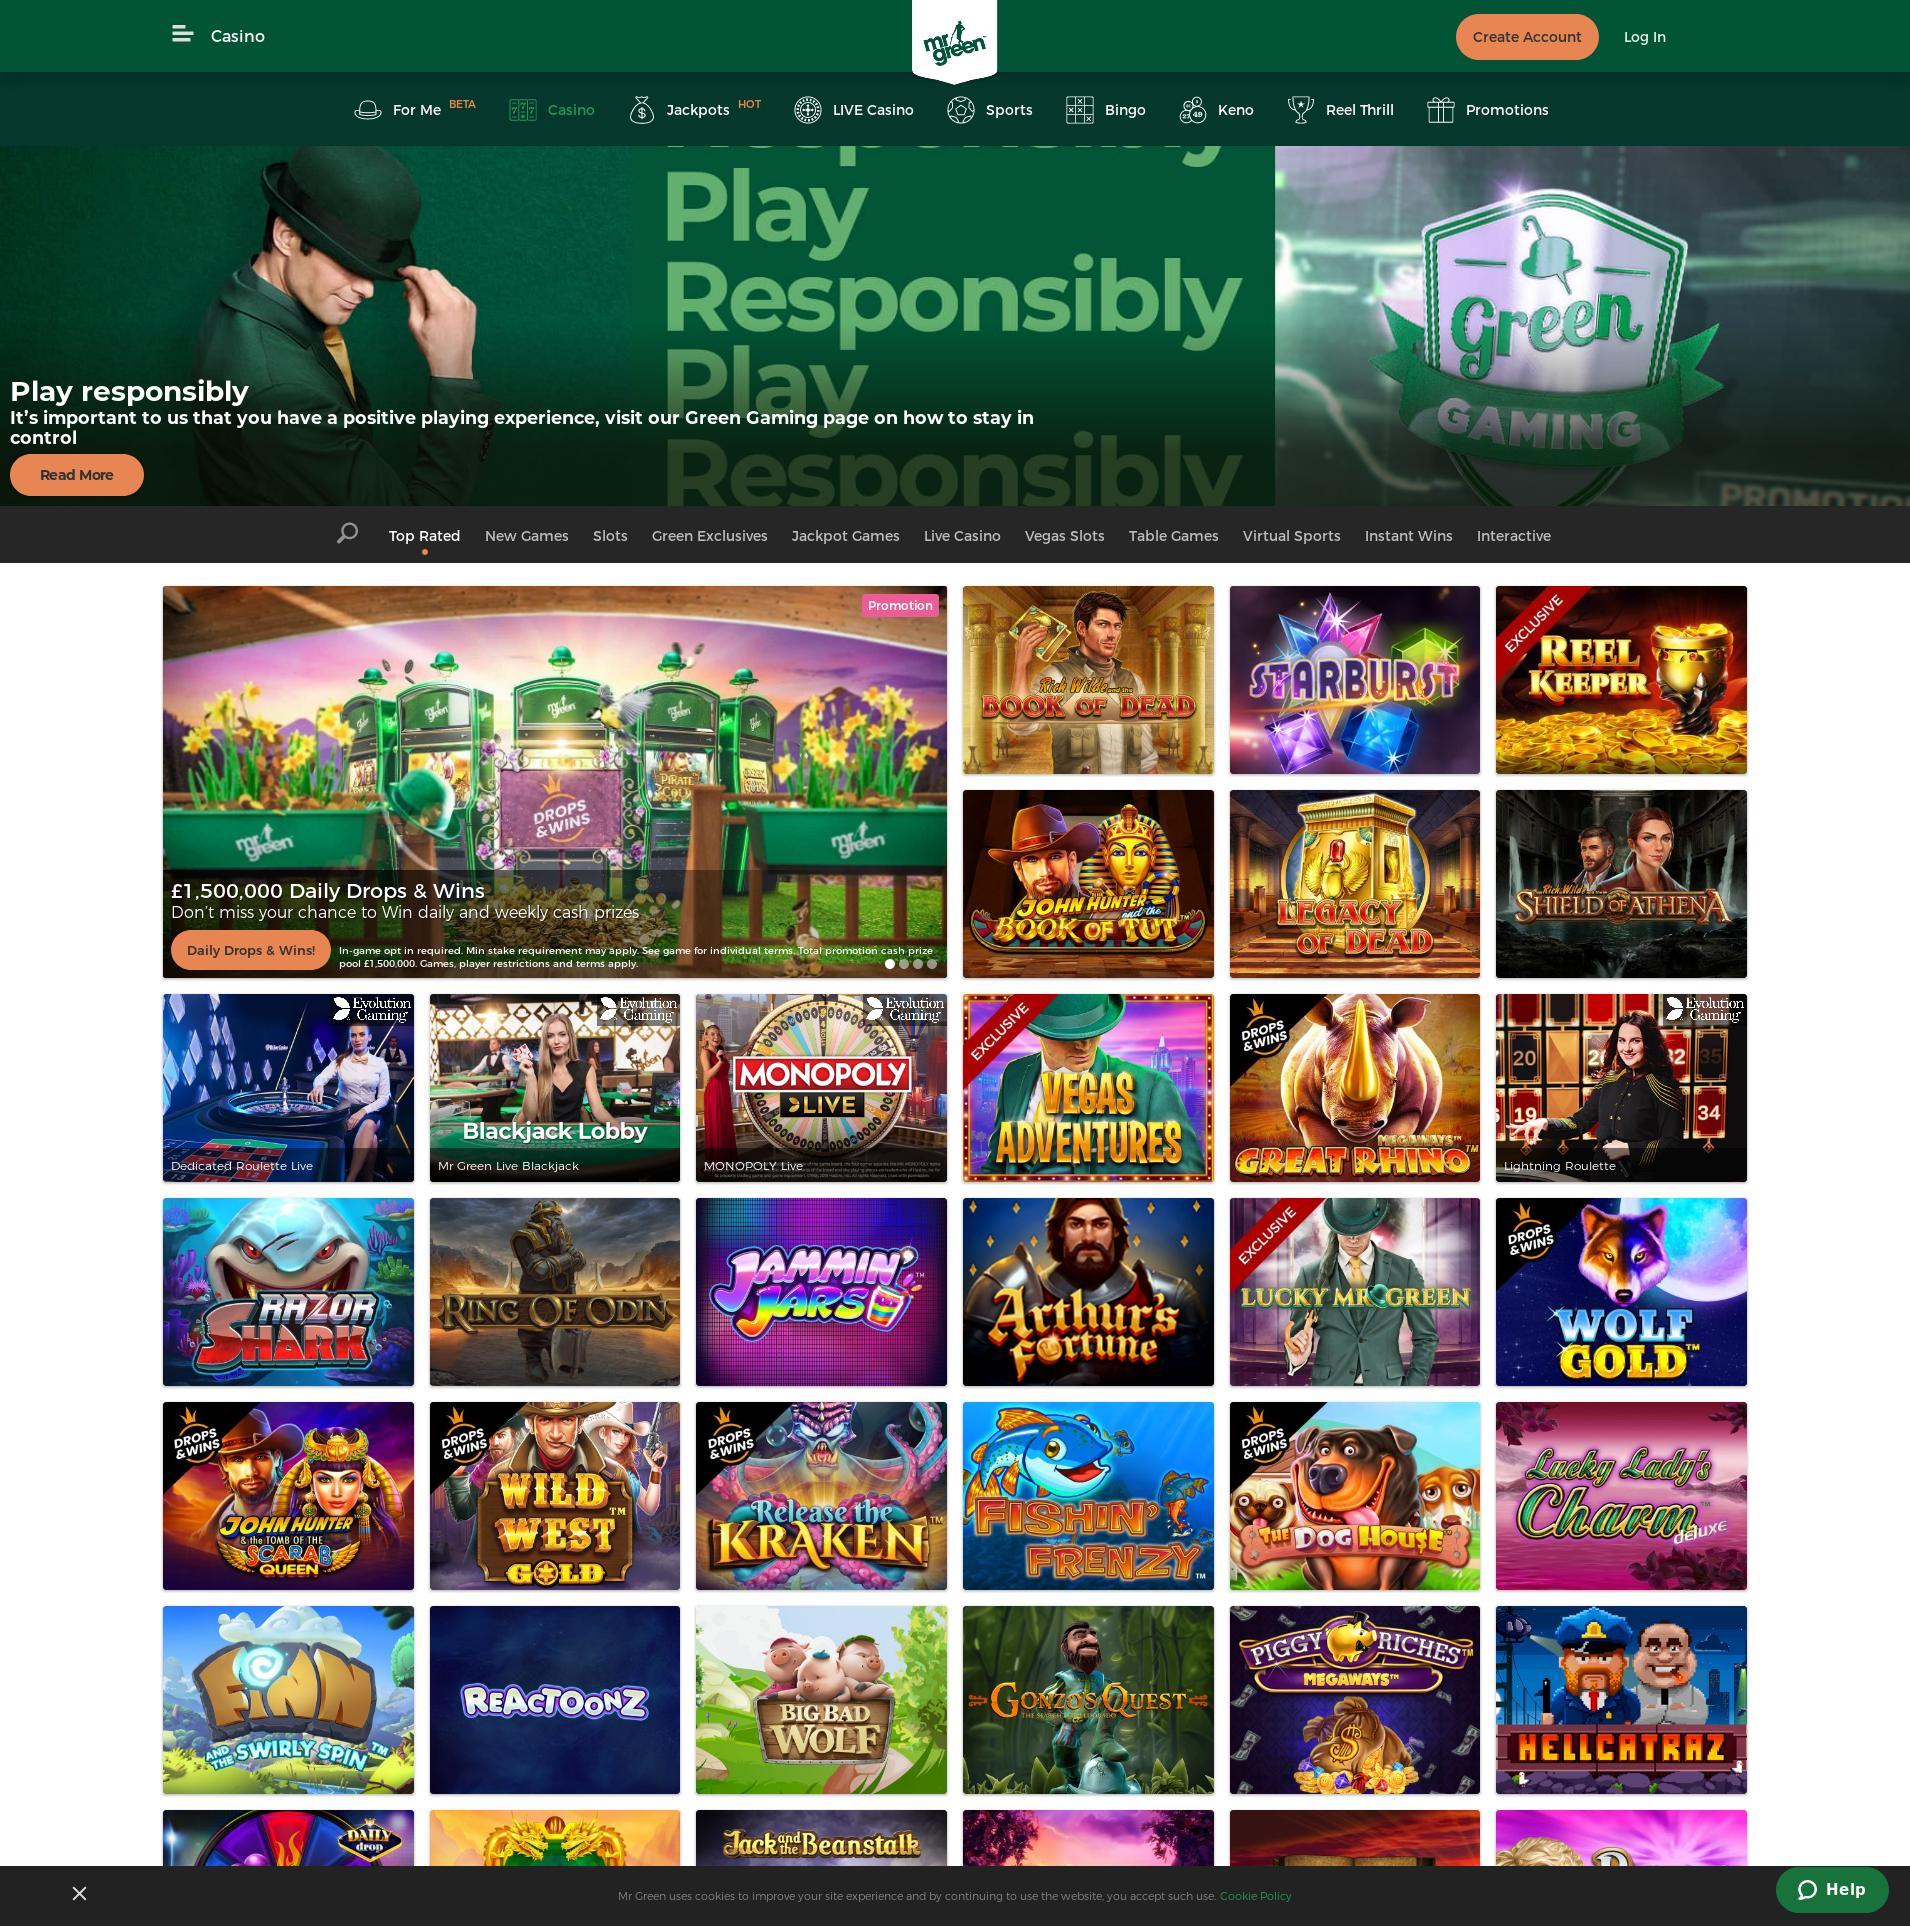 カジノのスクリーン Lobby 2020-05-30 ために イギリス